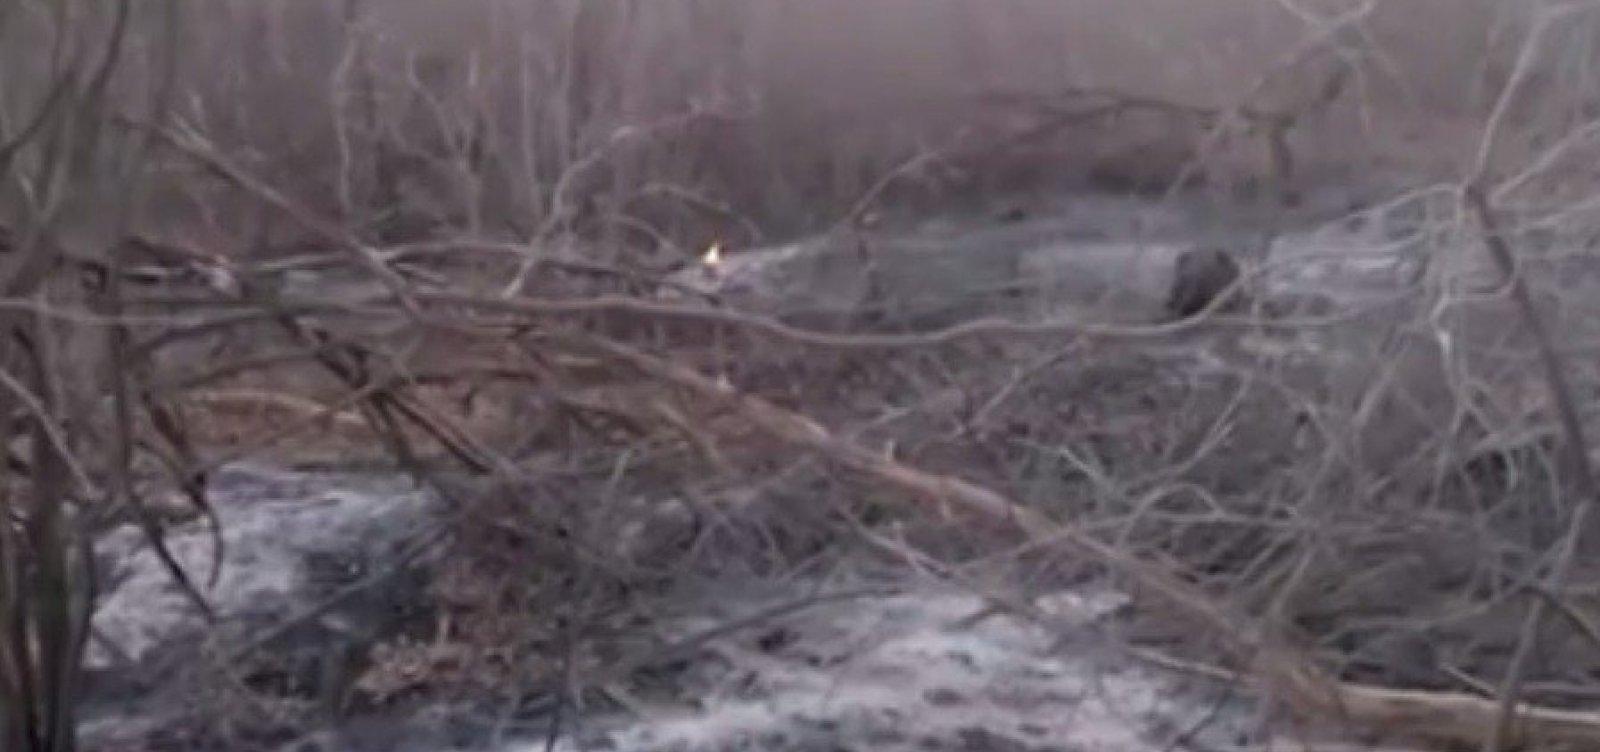 [Área de caatinga no norte da Bahia é atingida por incêndio há mais de 20 dias]